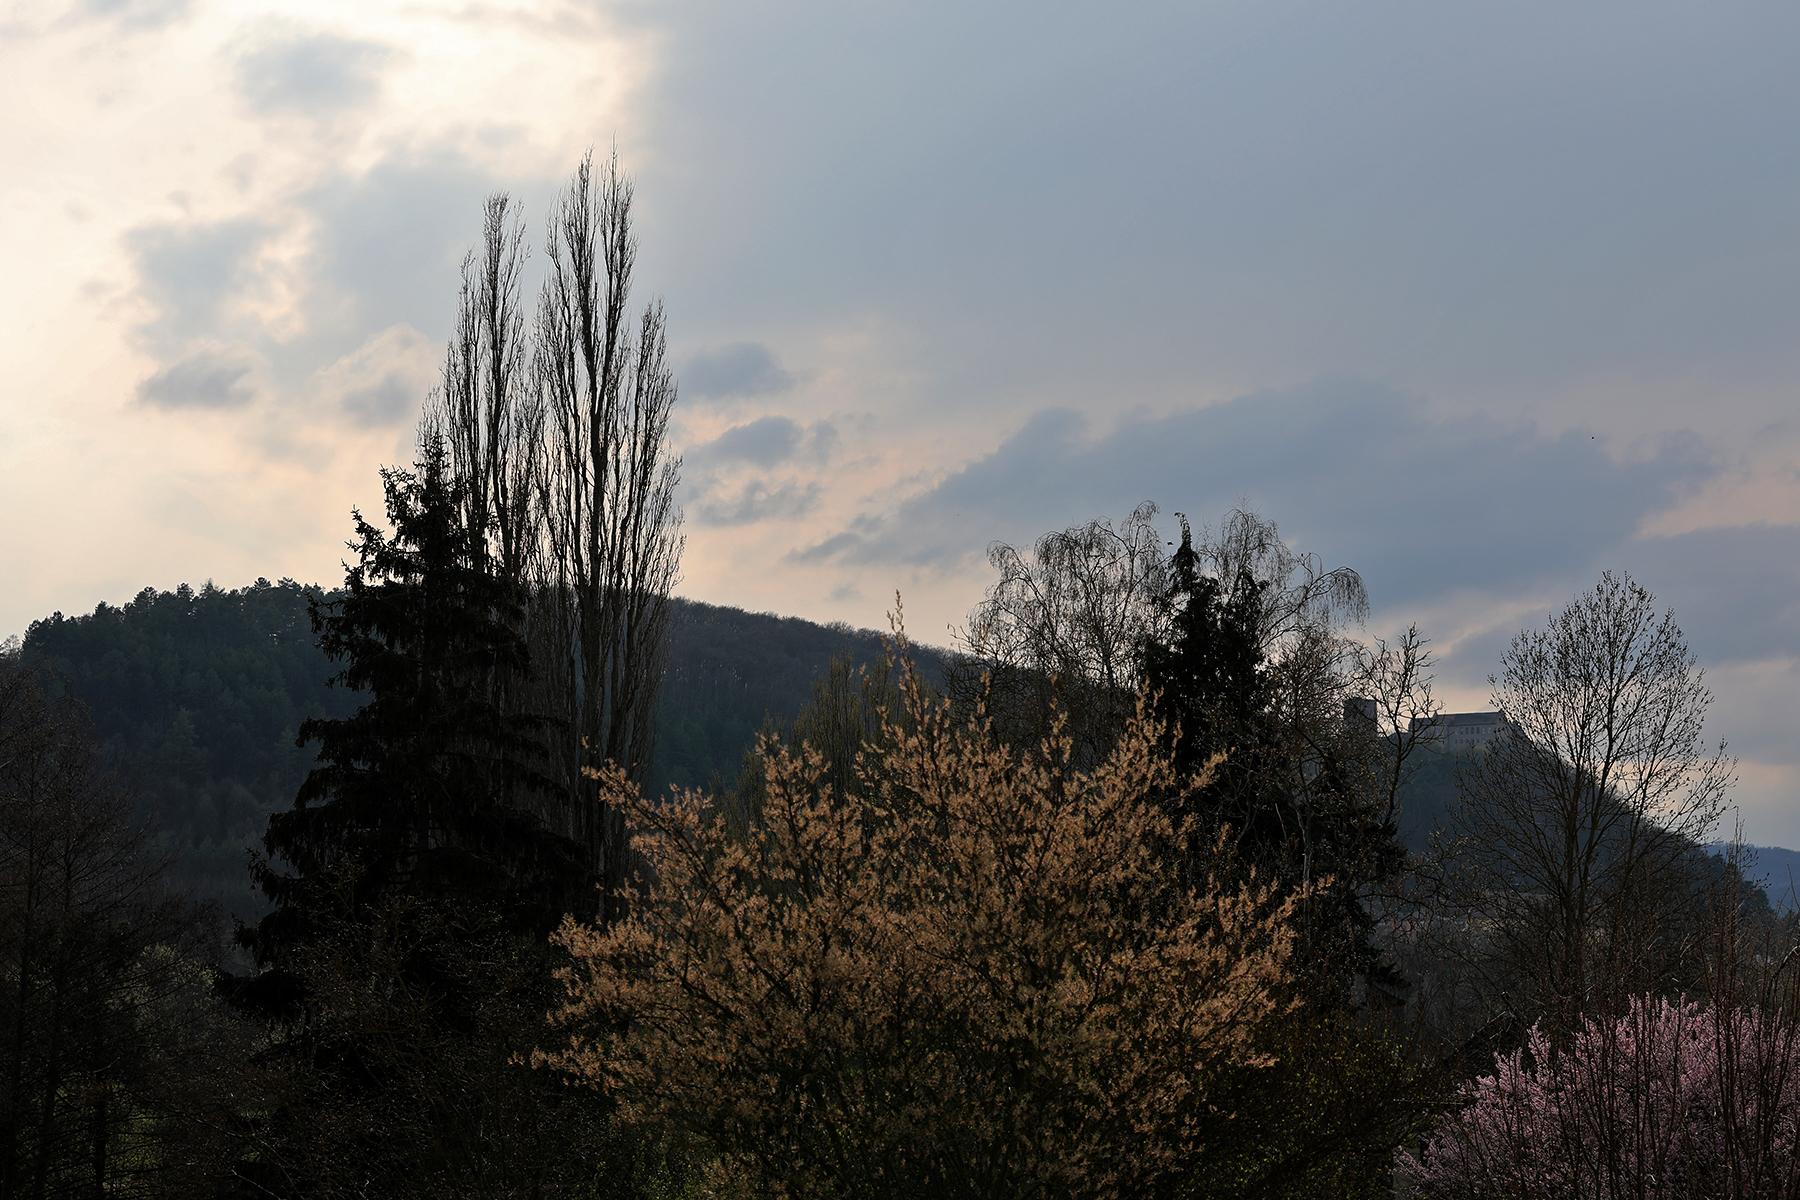 Schloss Saaleck hinter Bäumen fotografiert mit dem Sigma 70-200 mm Sports